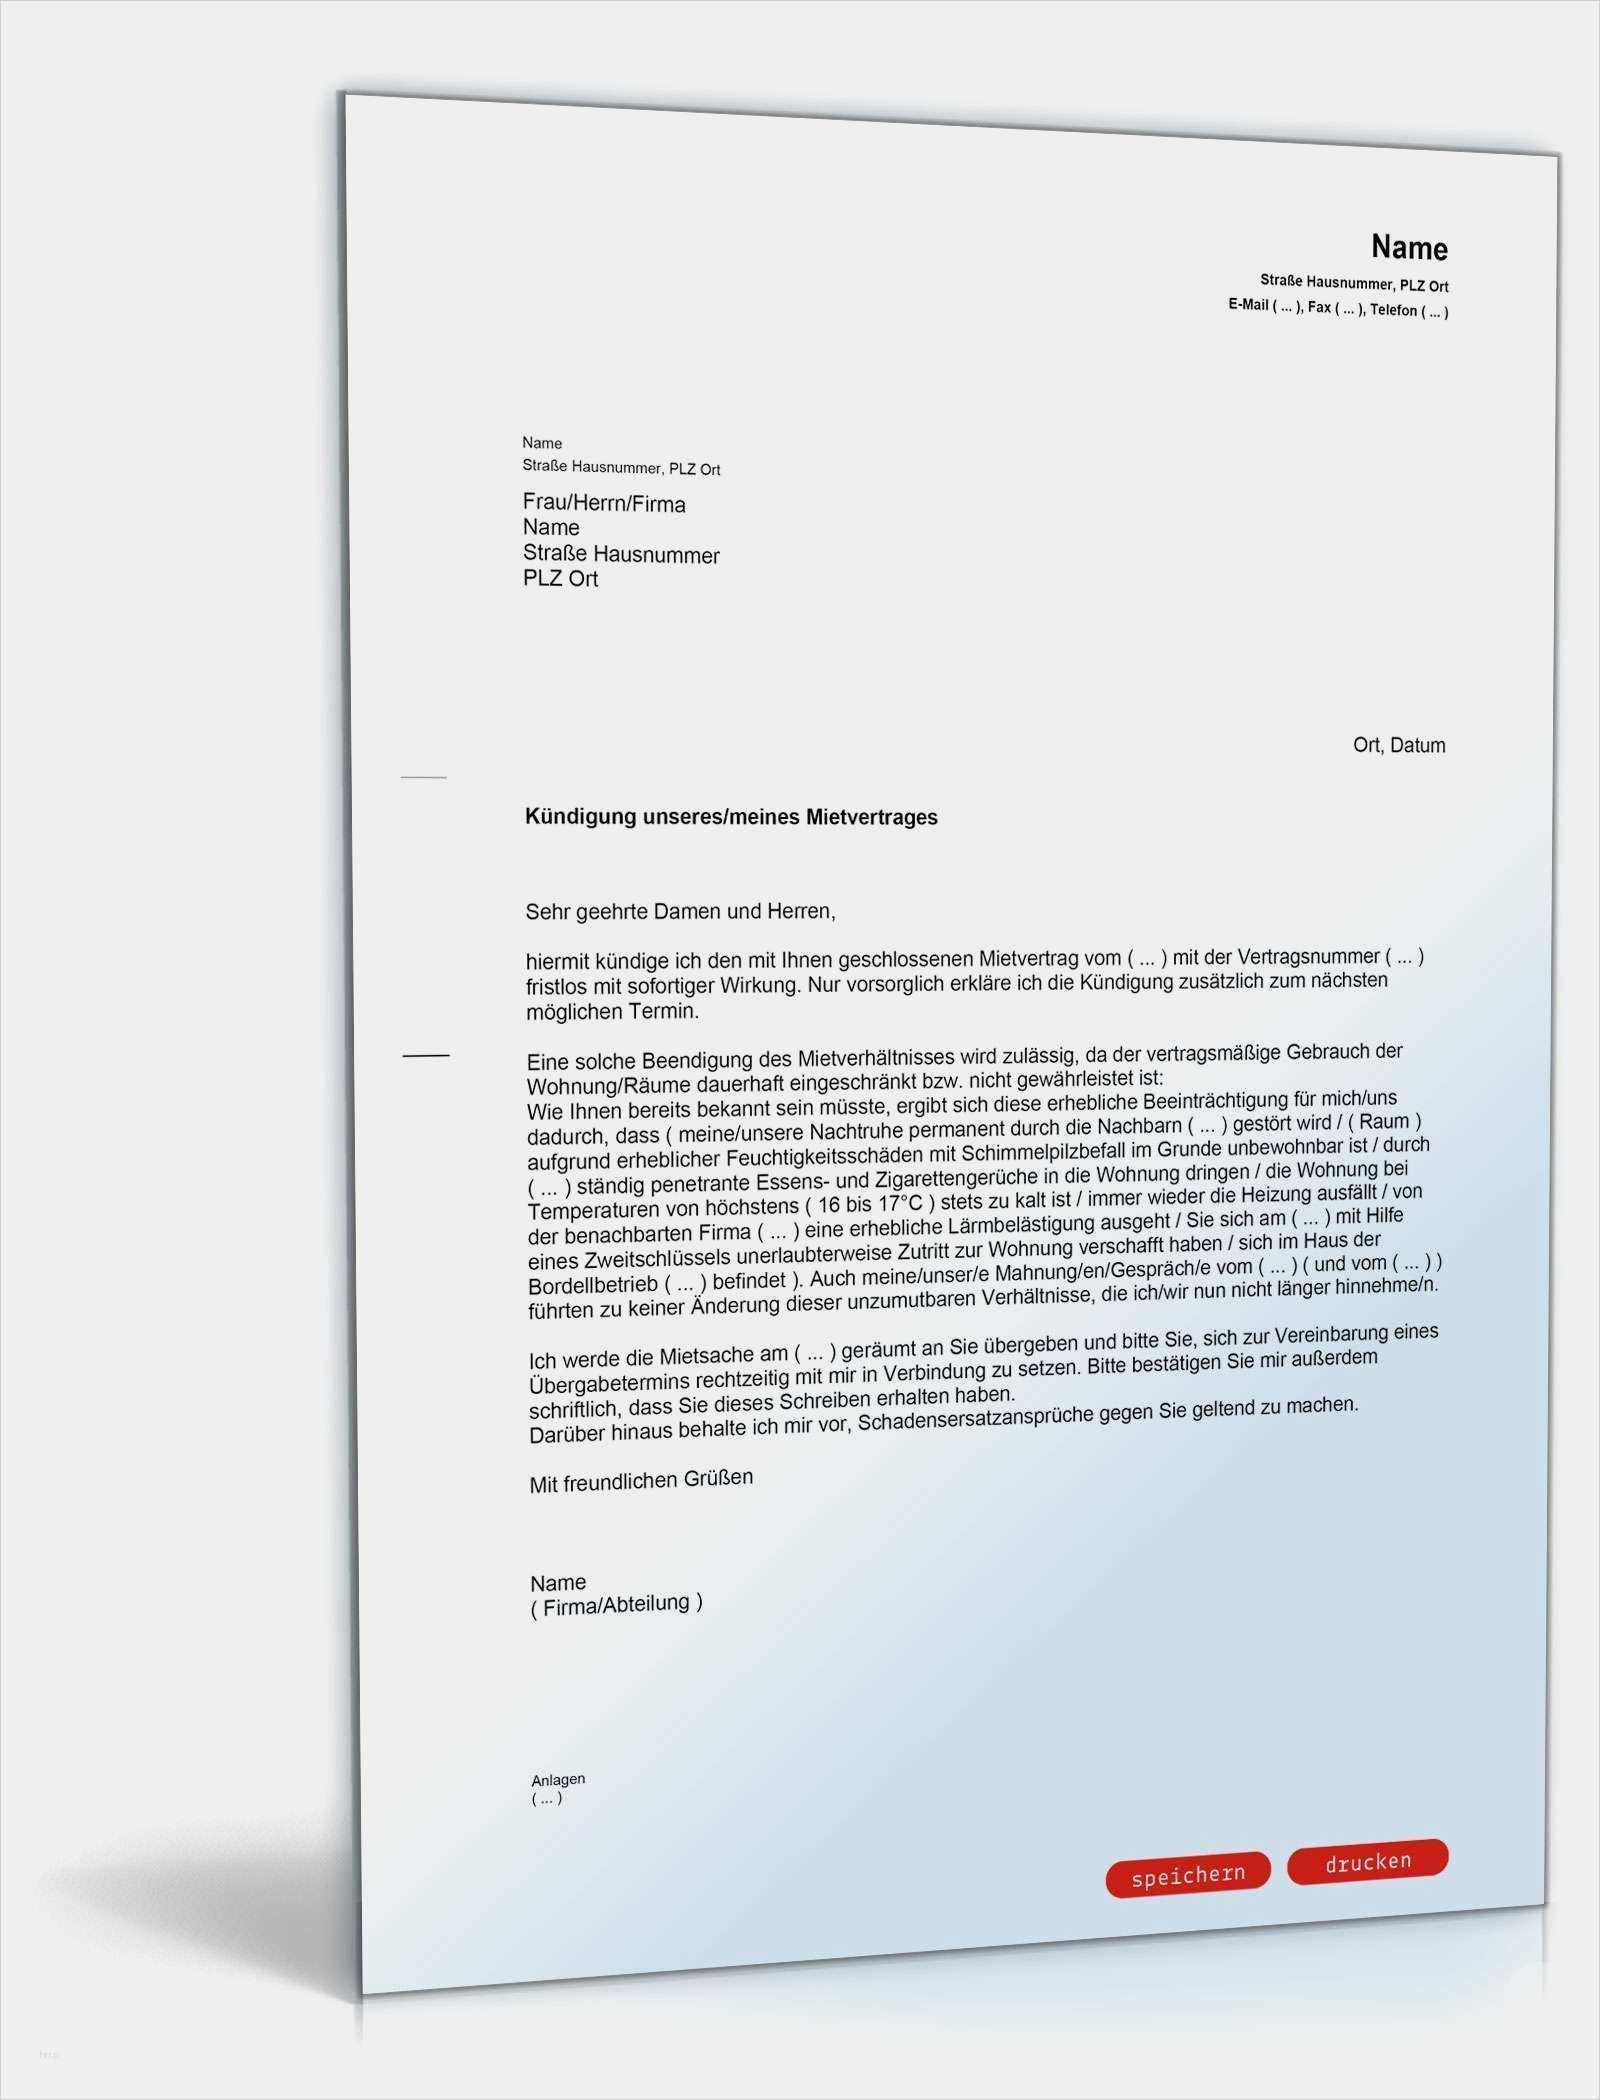 Grossartig Mietvertrag Scheune Vorlage Foto Vorlagen Vorlagen Word Lebenslauf Vorlagen Word